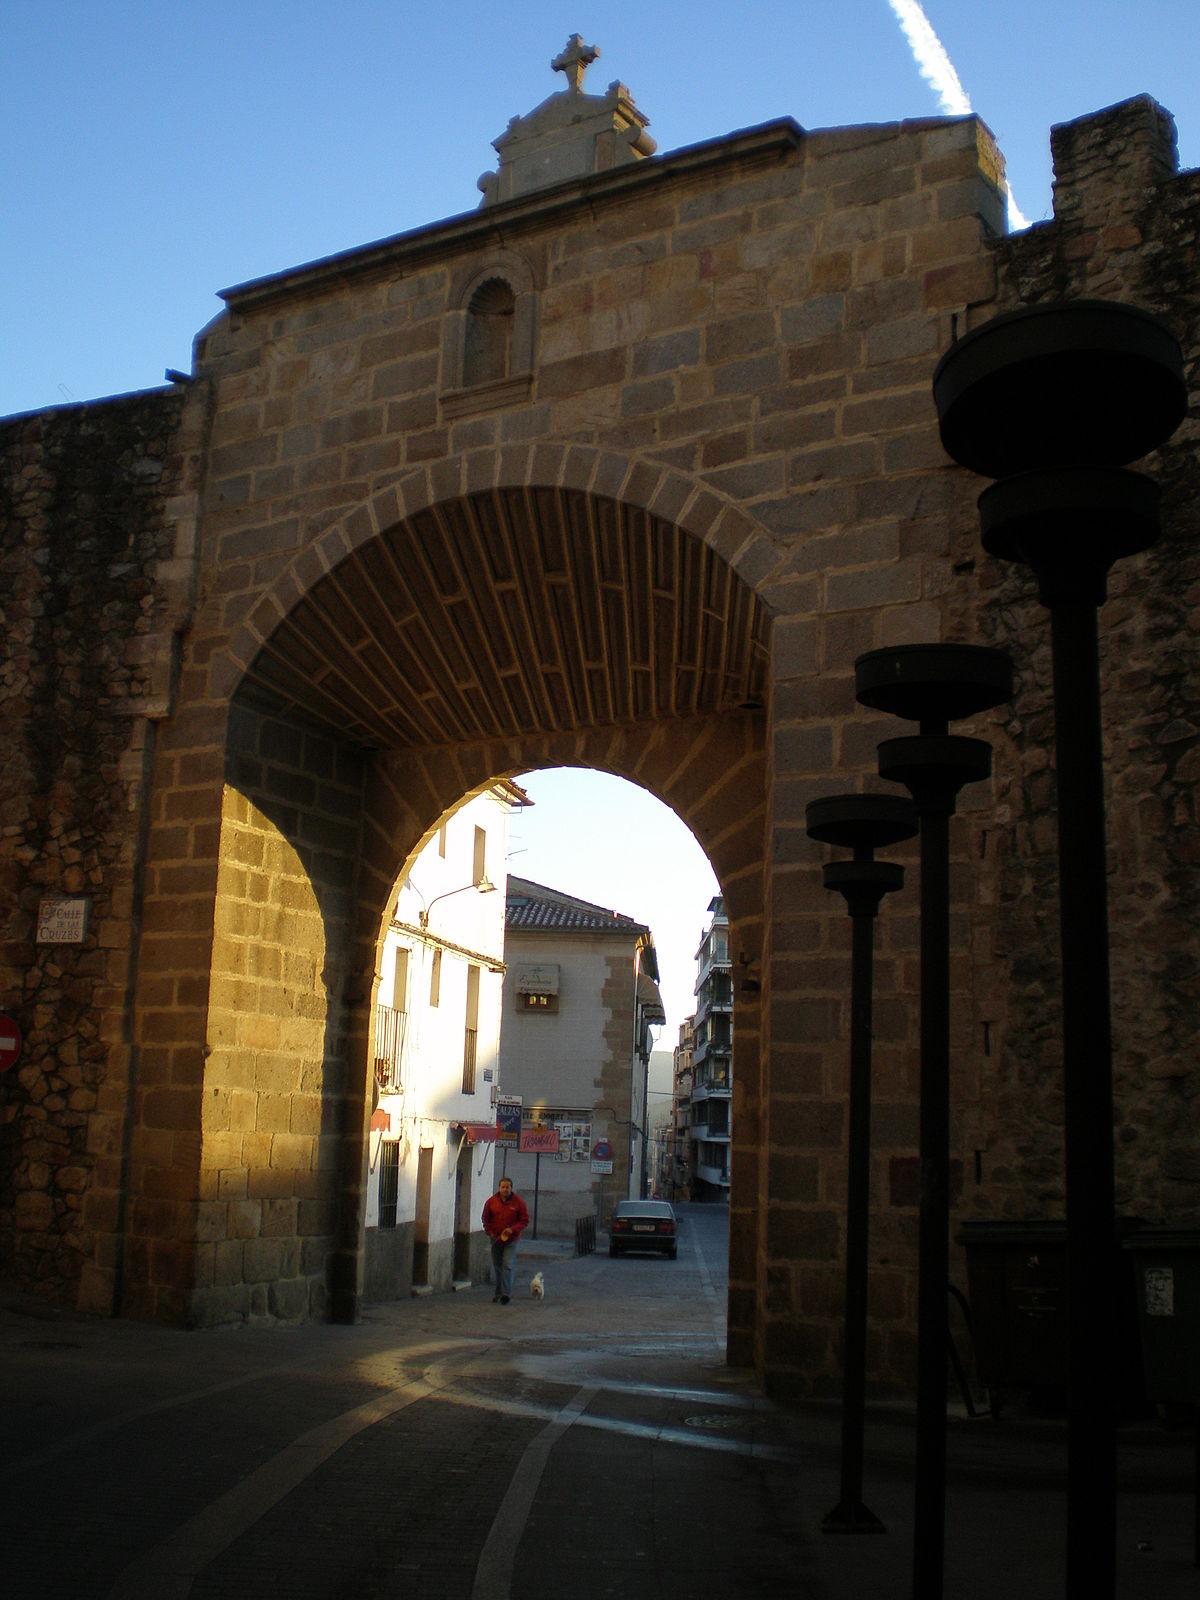 Puerta de sol plasencia wikipedia la enciclopedia libre Obras puerta del sol